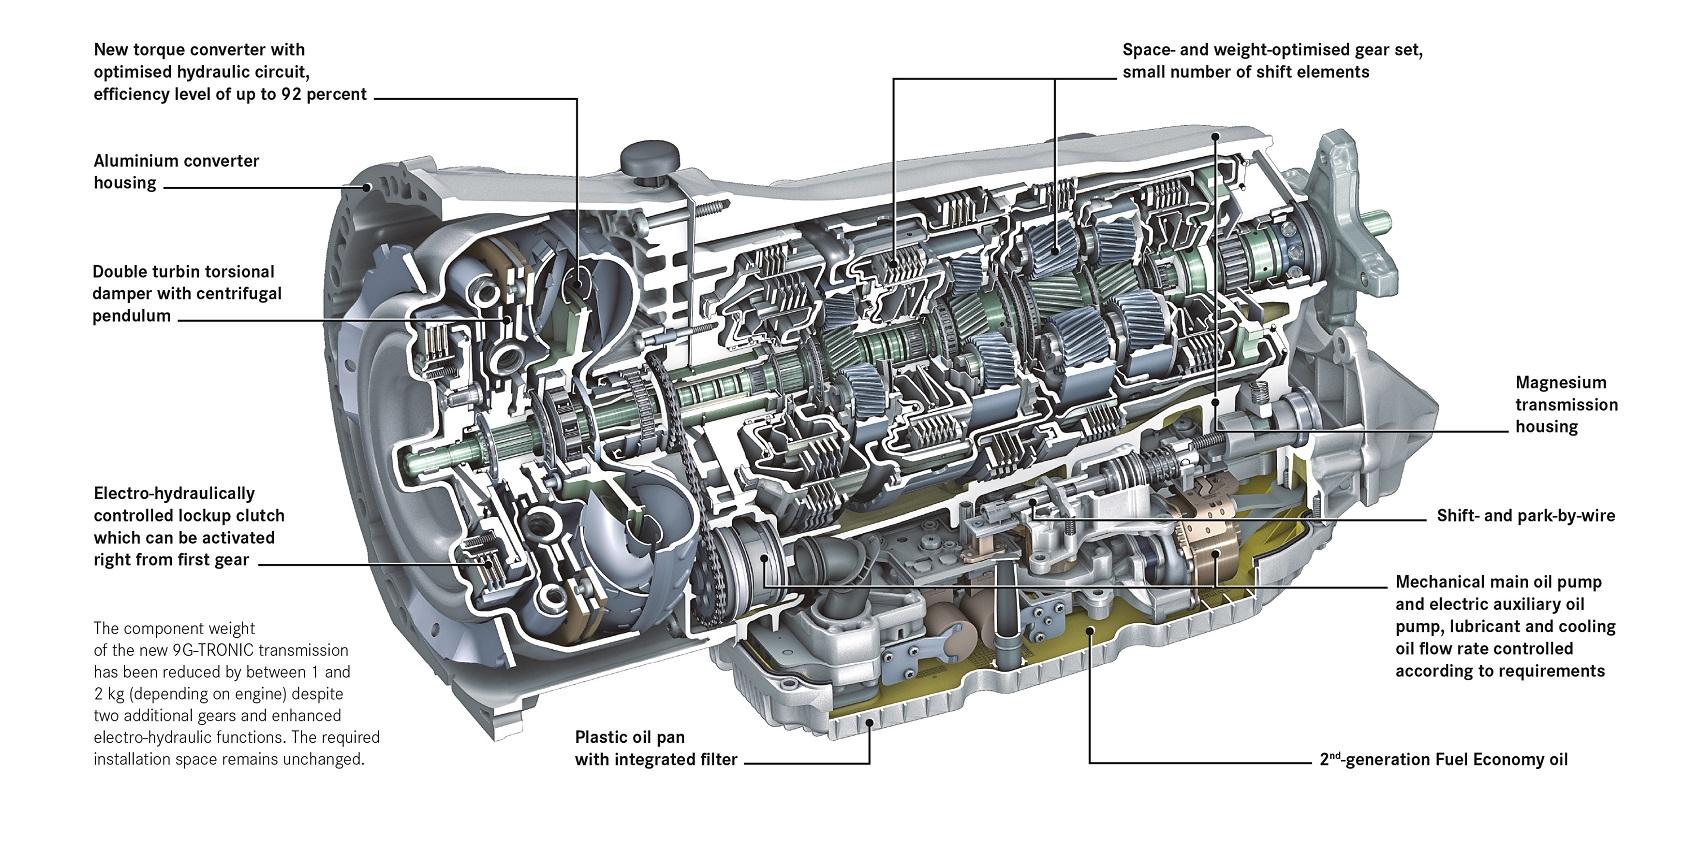 La transmission automatique Mercedes-Benz 9G-TRONIC